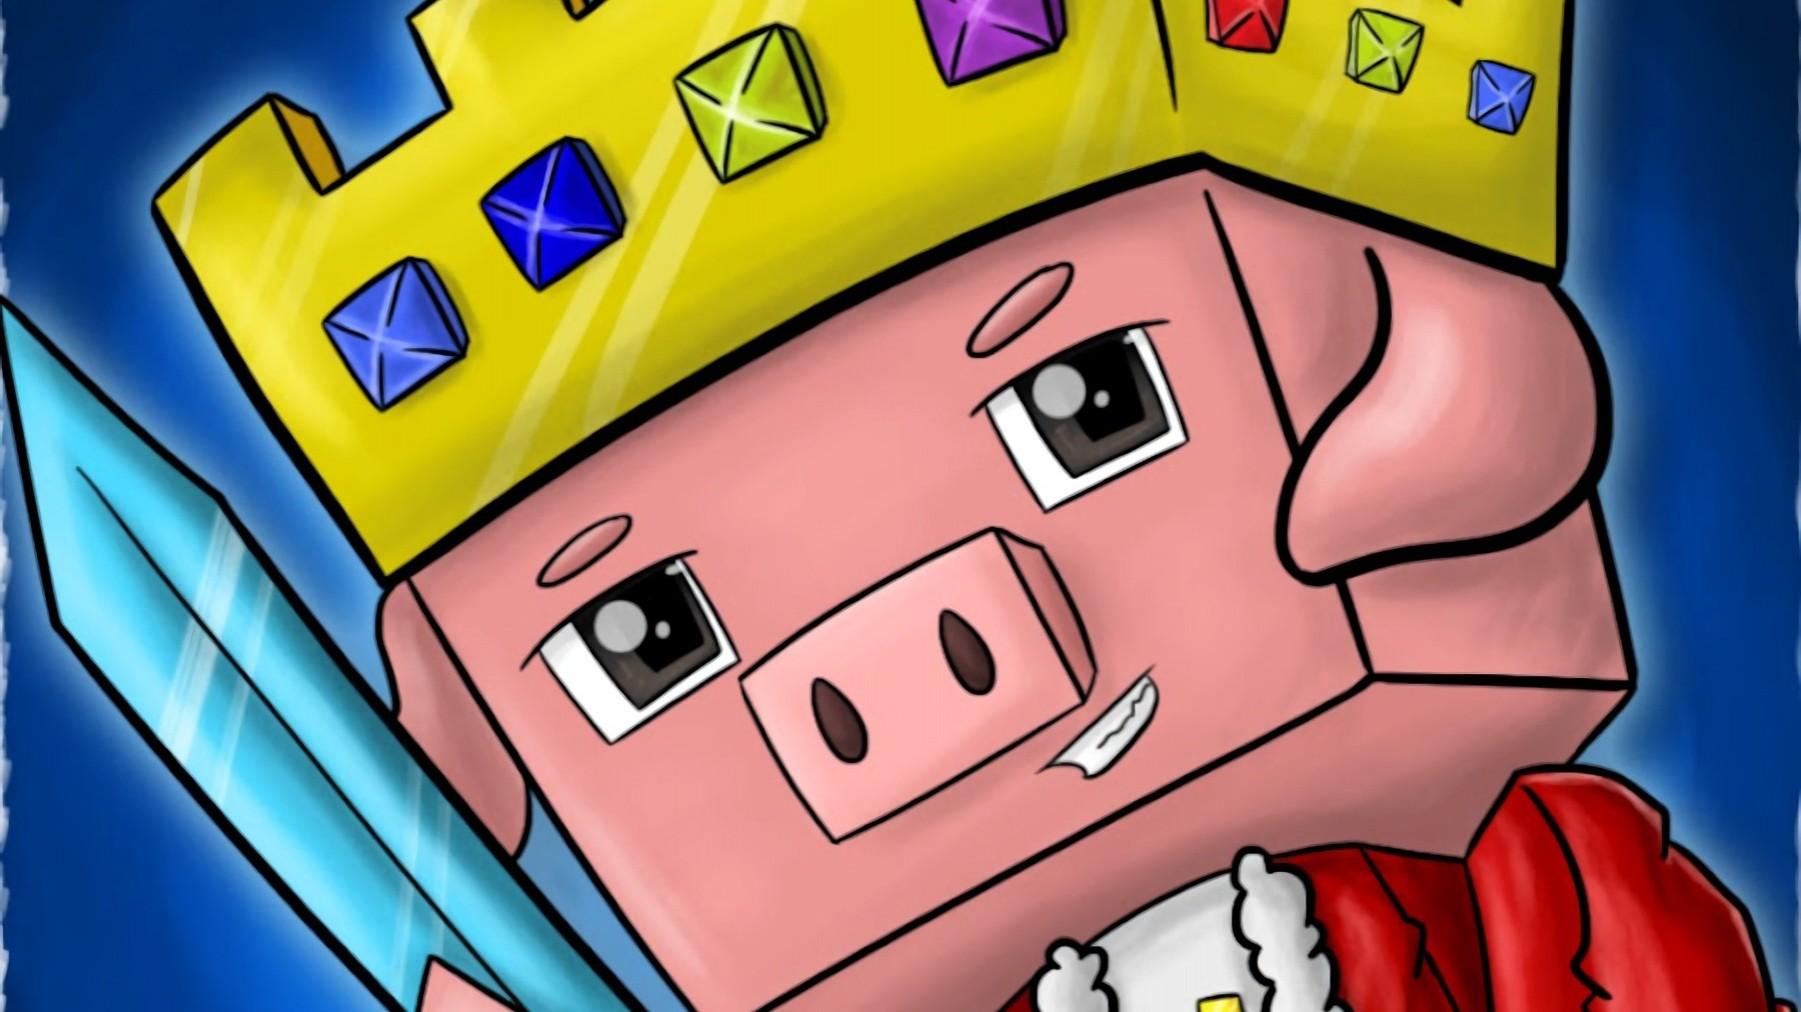 Известный ютубер Technoblade собрал 323 тысячи на стриме по Minecraft деньги отправят на исследование рака